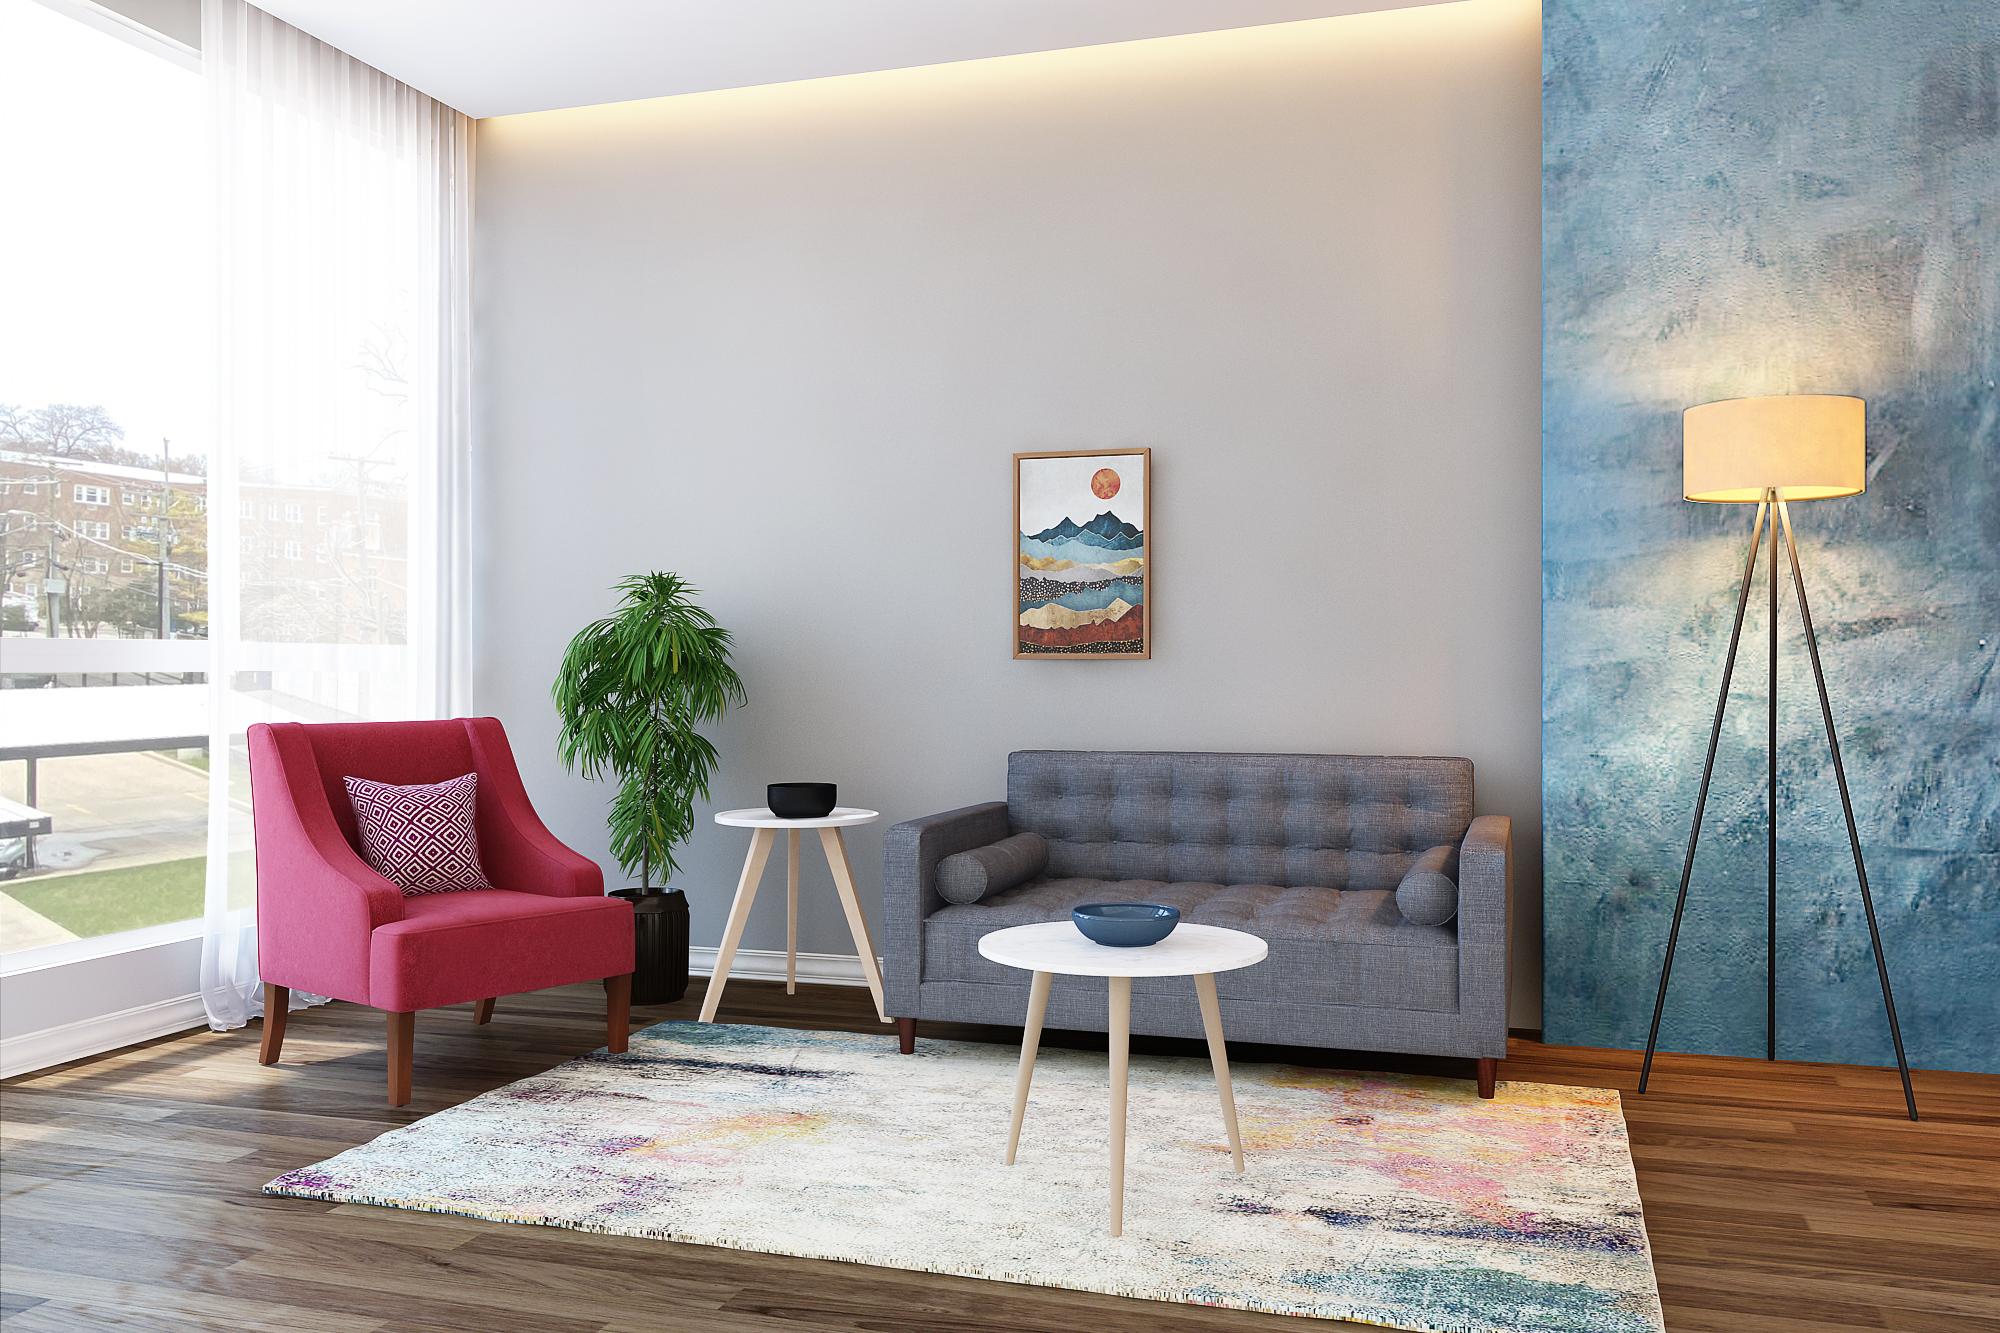 Joy Living Room Rental Furniture Set 1